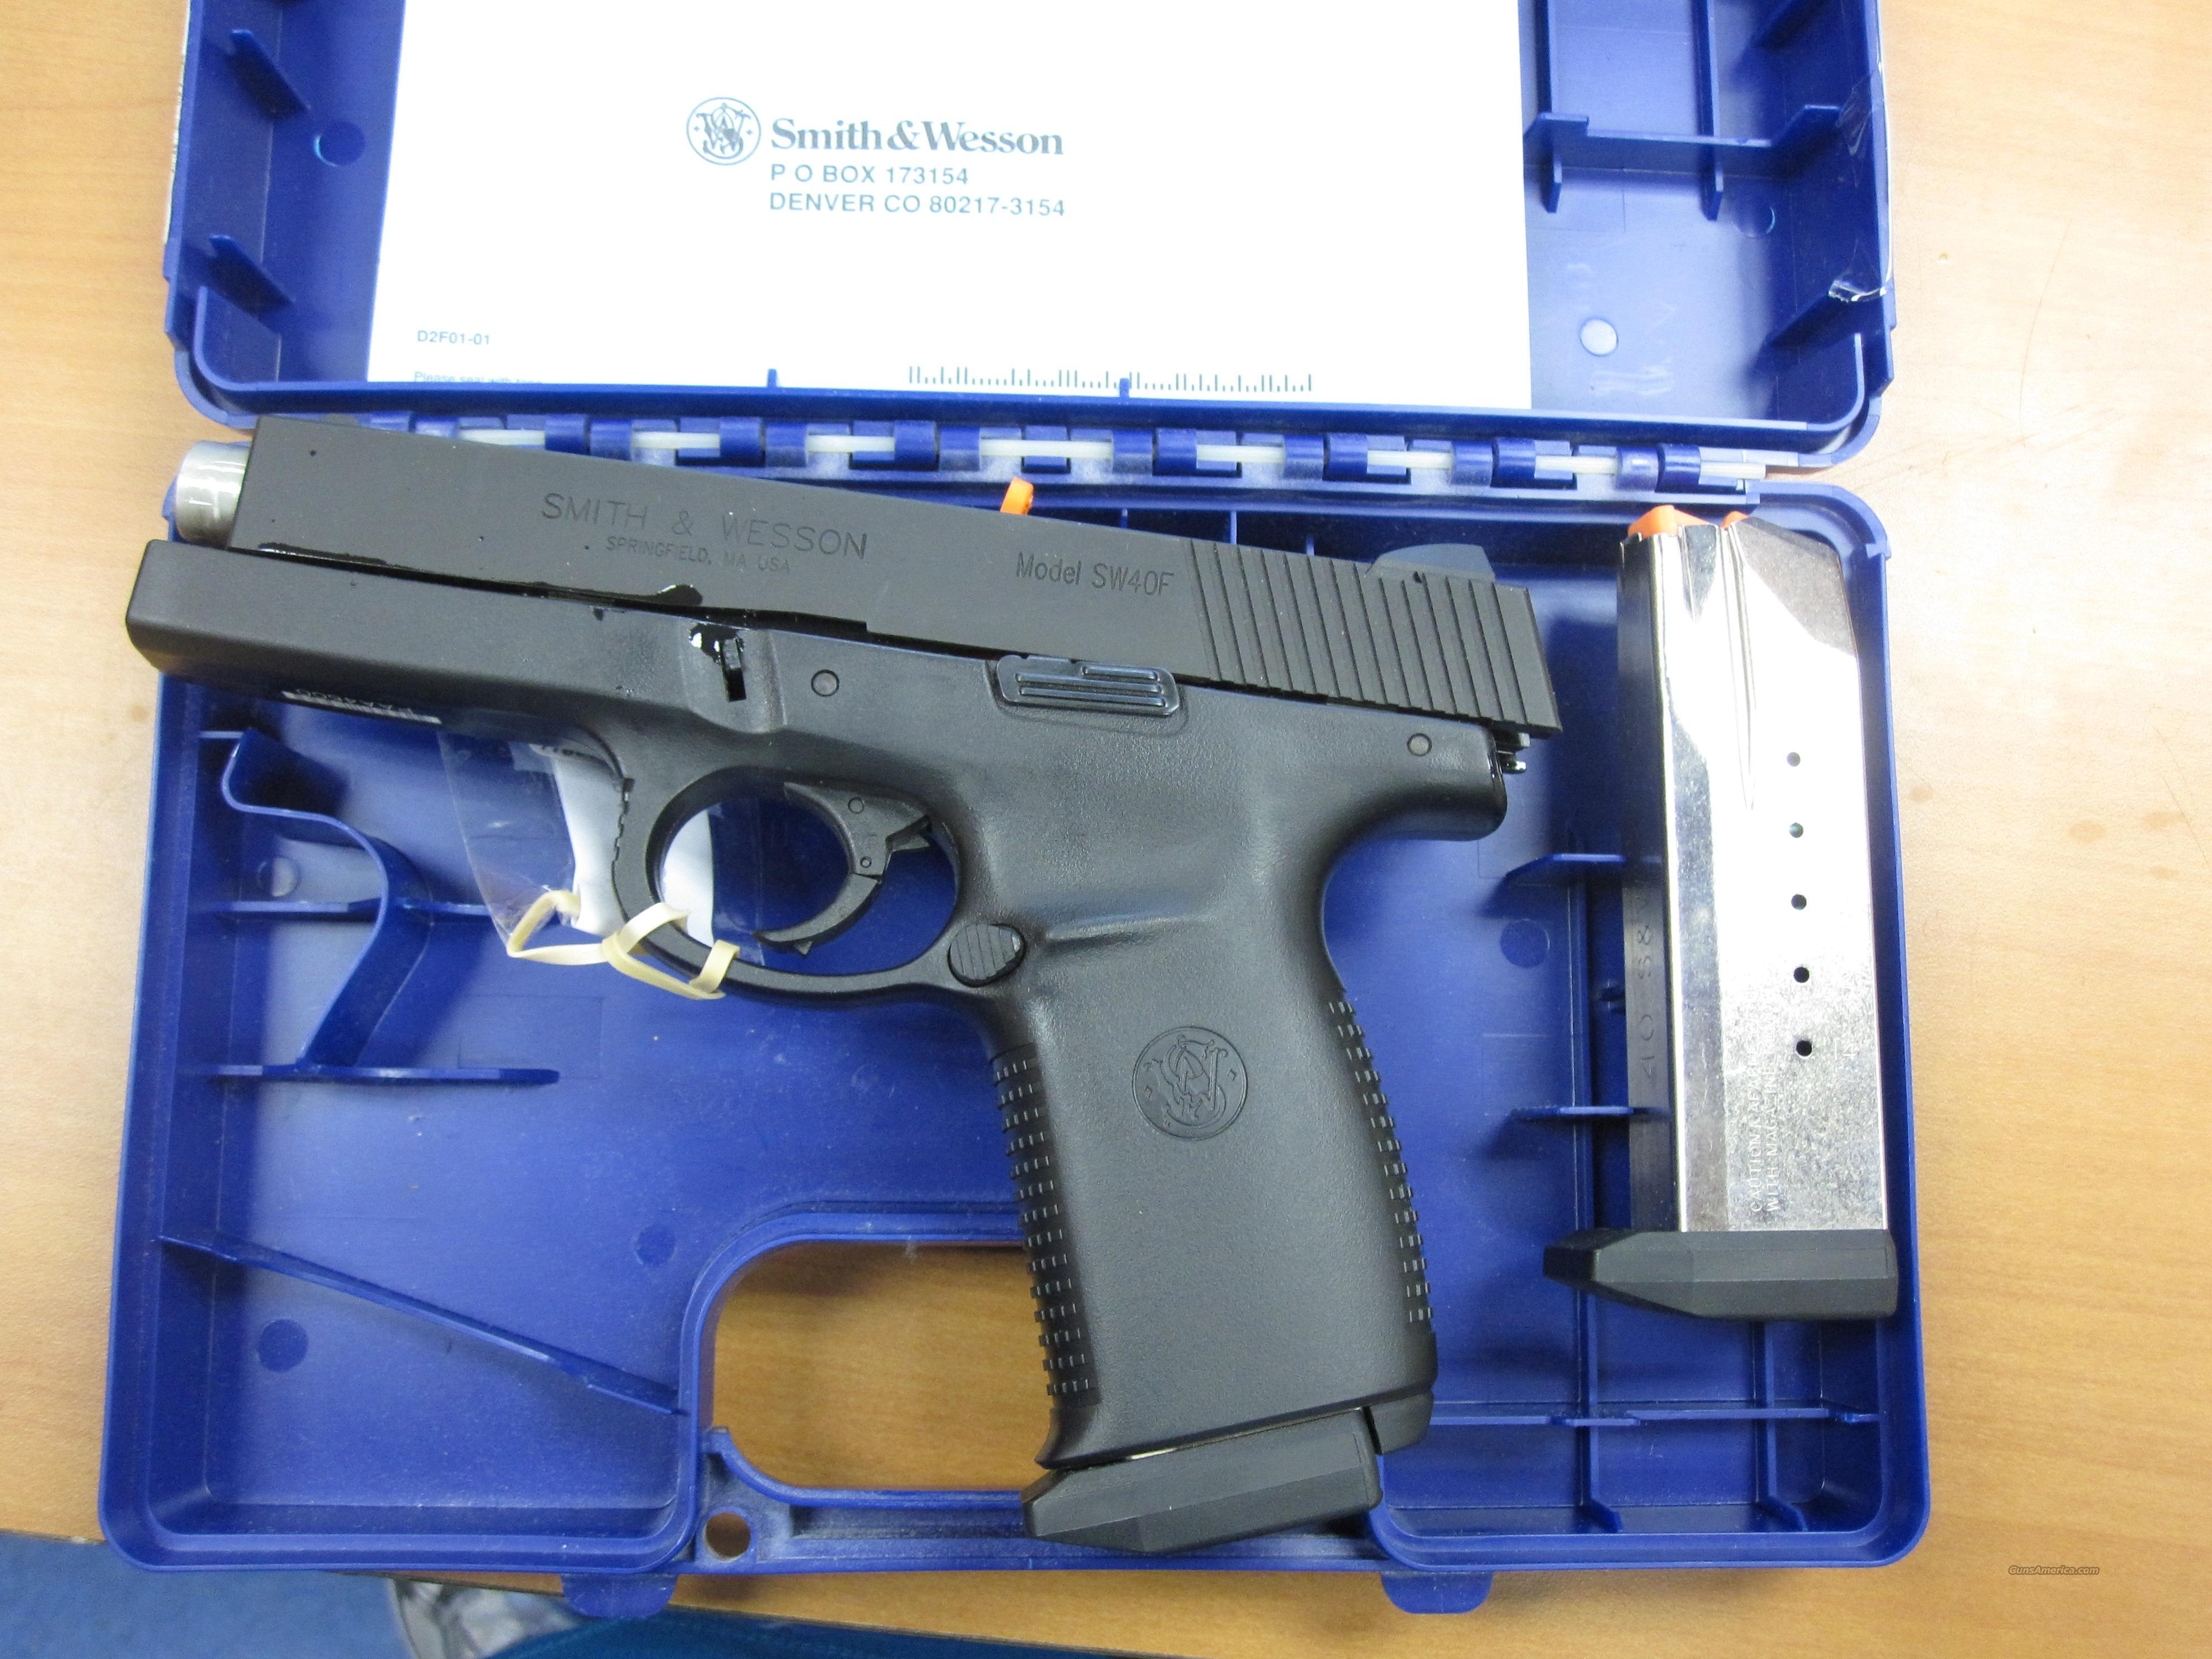 S&Wmod# SW40F .40 s&w cal w/orig box   Guns > Pistols > Smith & Wesson Pistols - Autos > Polymer Frame